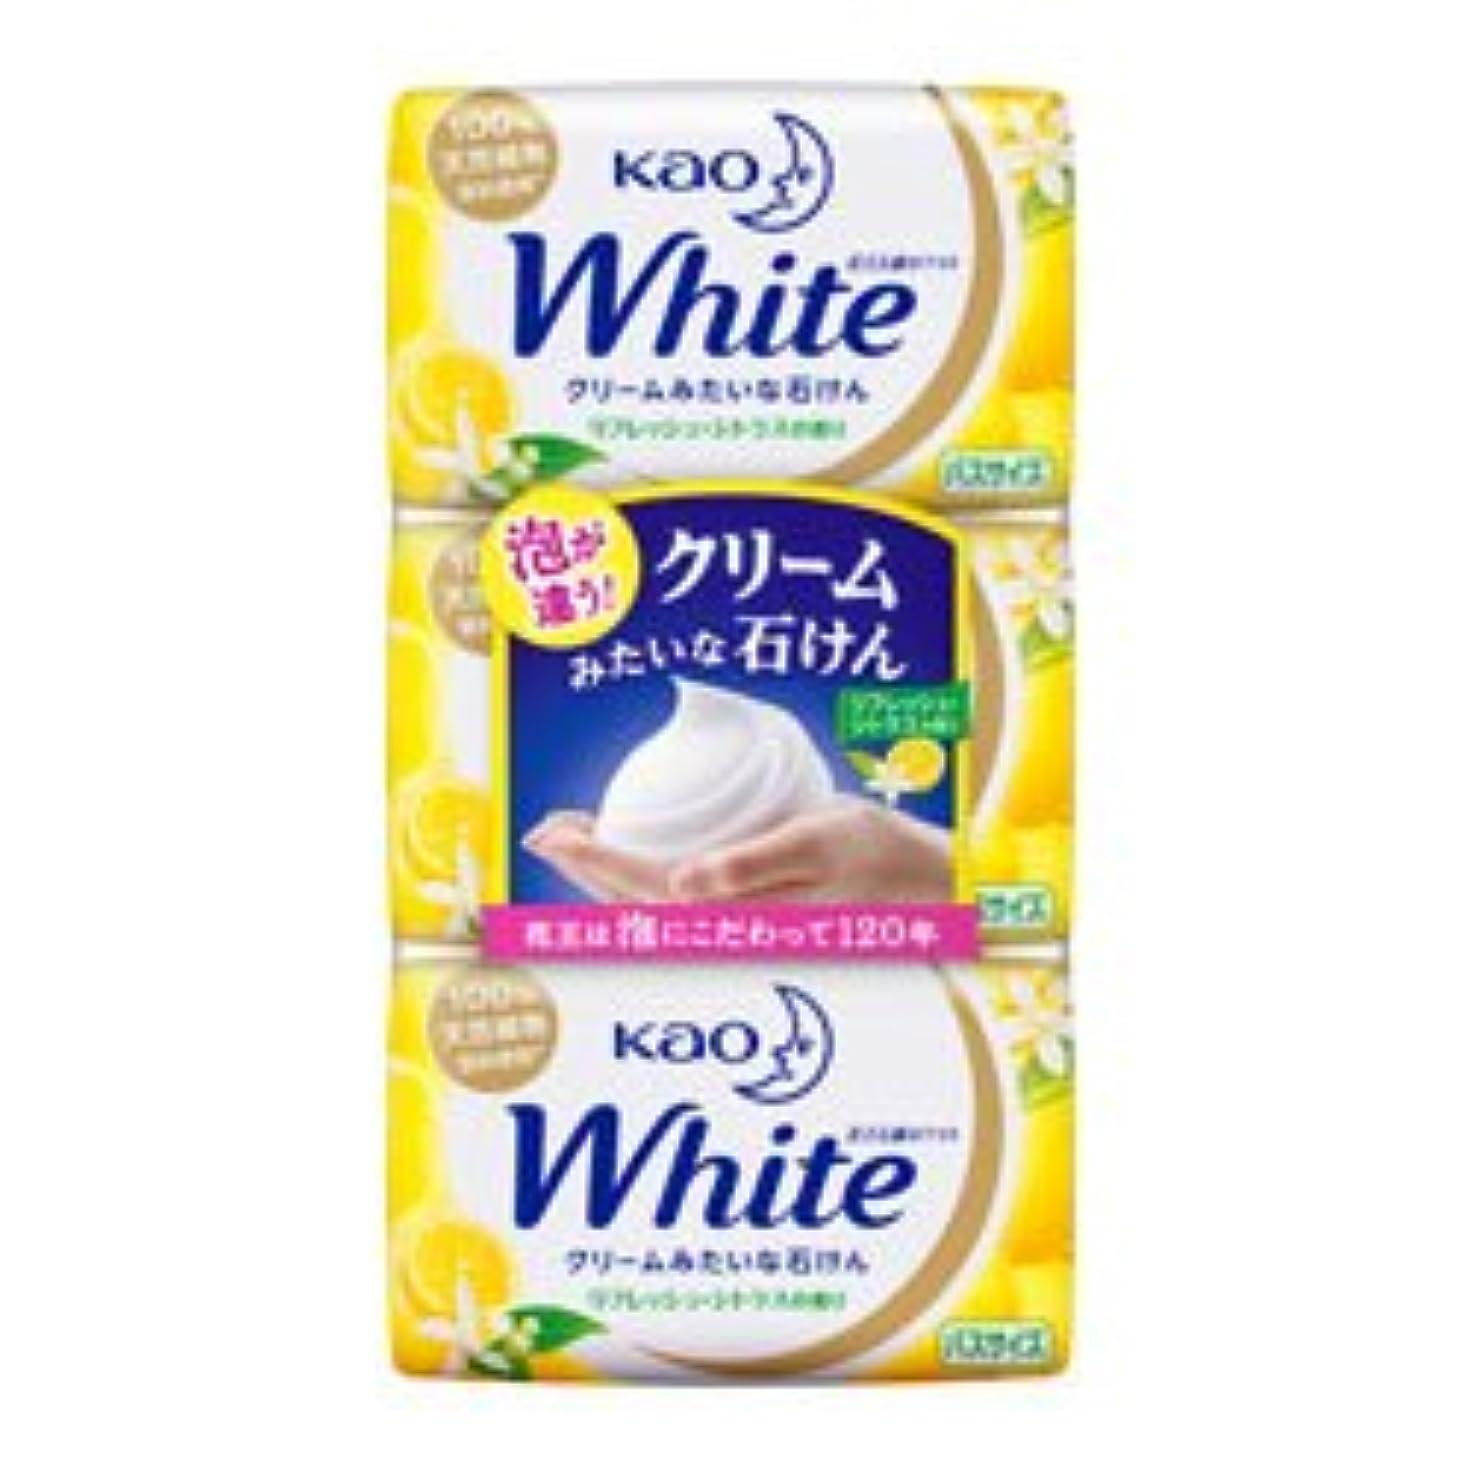 皿ばかげている硫黄【花王】ホワイト リフレッシュ?シトラスの香り バスサイズ 130g×3個入 ×20個セット